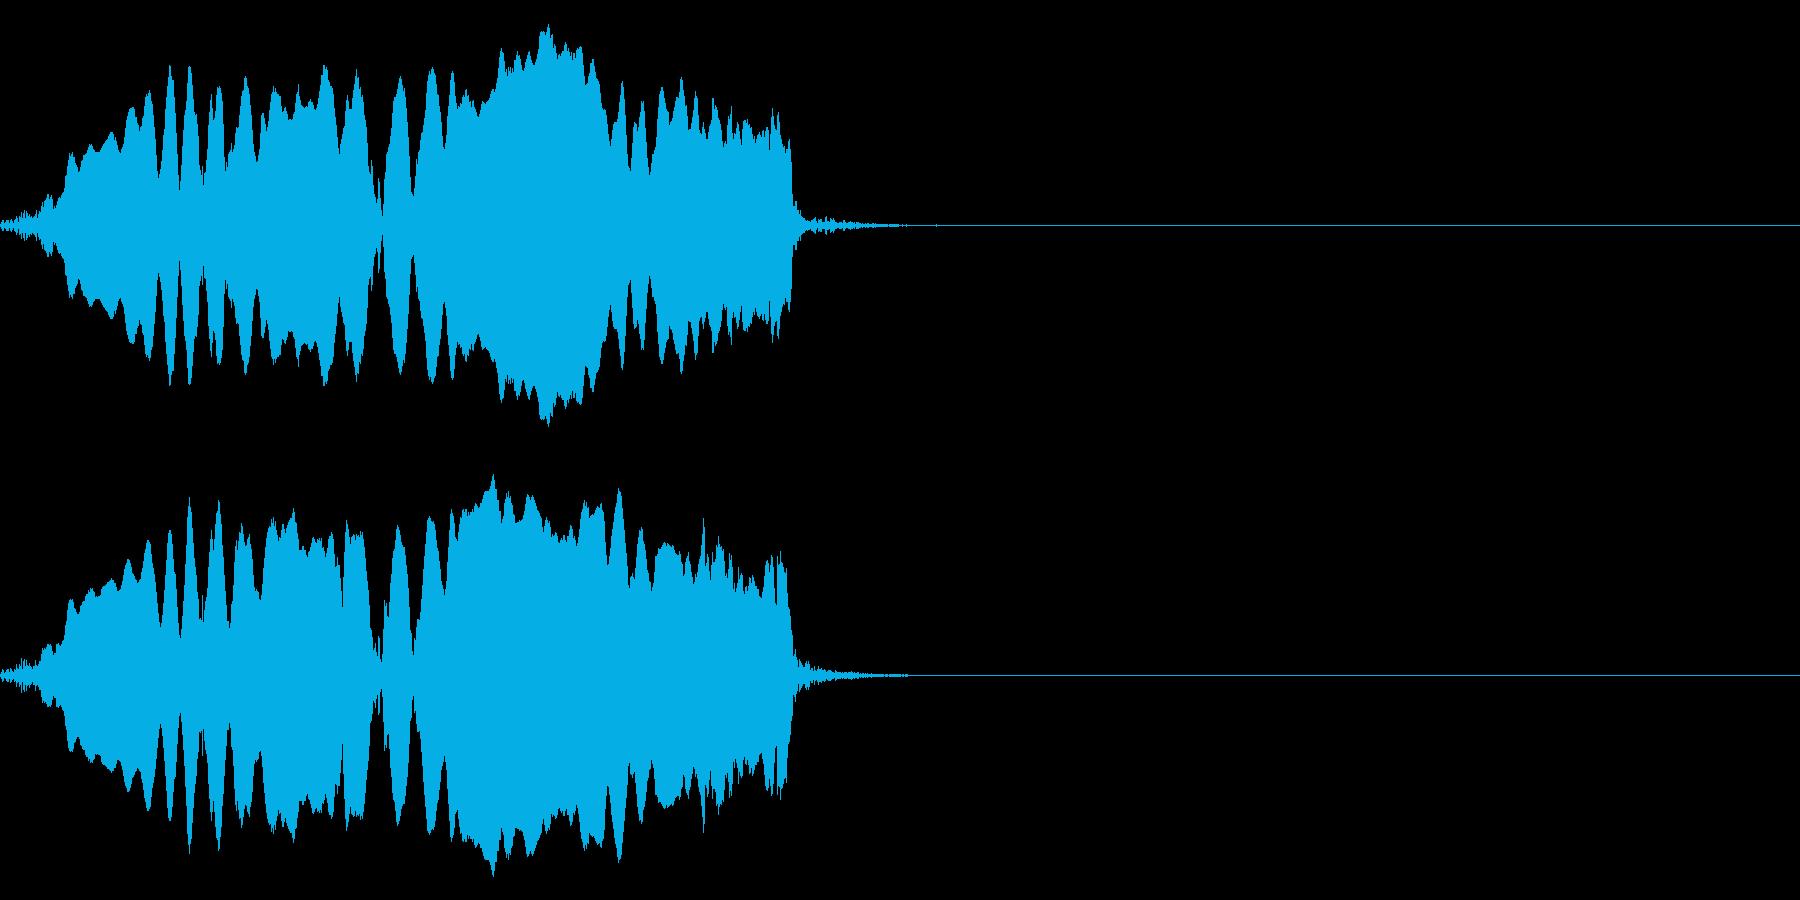 オカメインコの、悲しそうな声の再生済みの波形